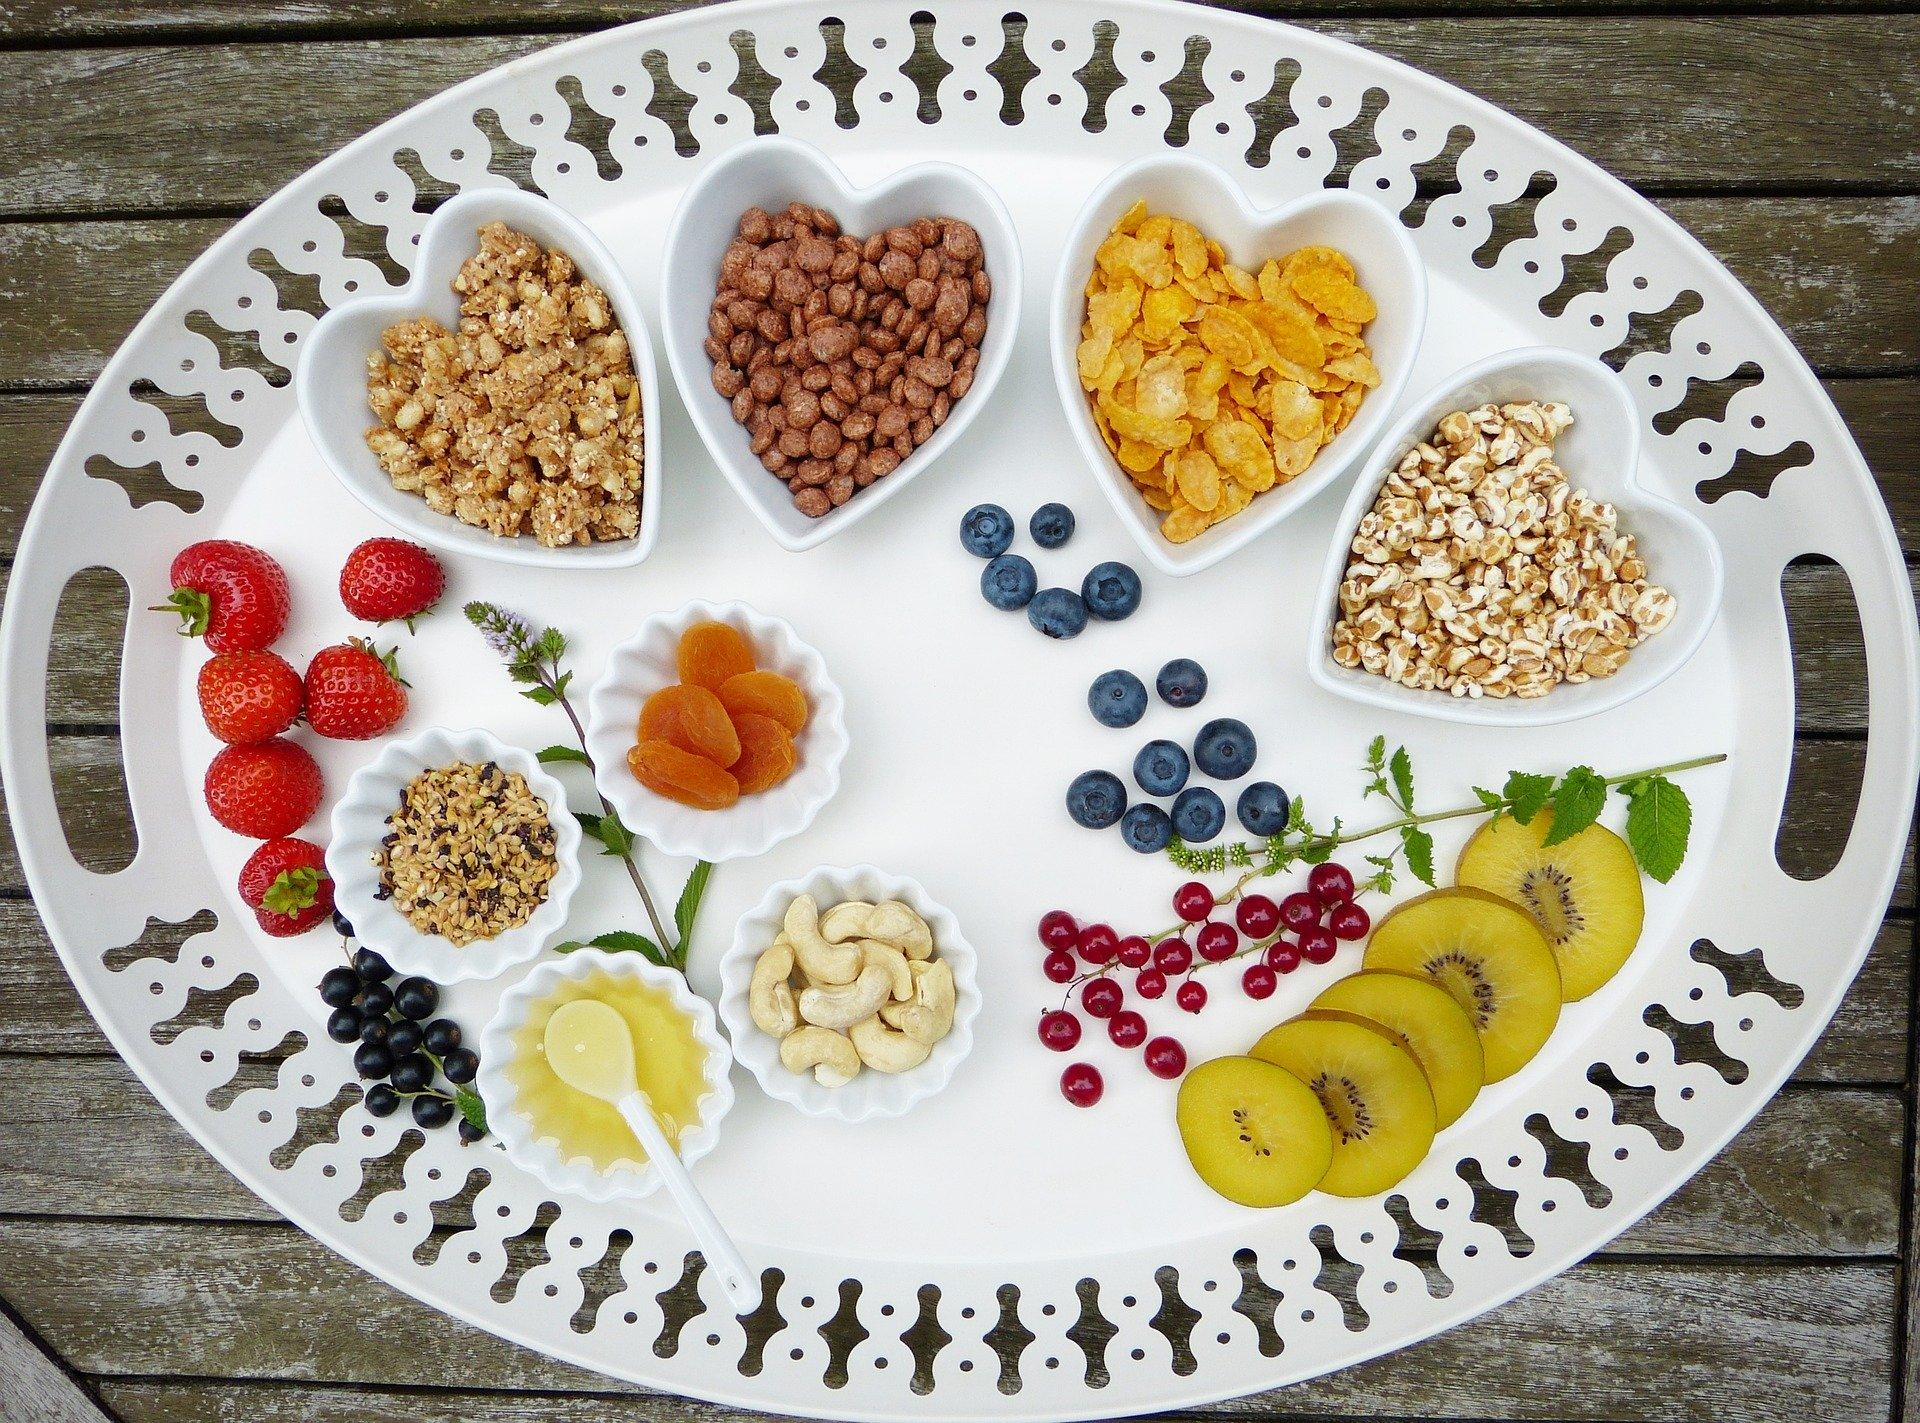 Curs de Nutrició i Dietètica